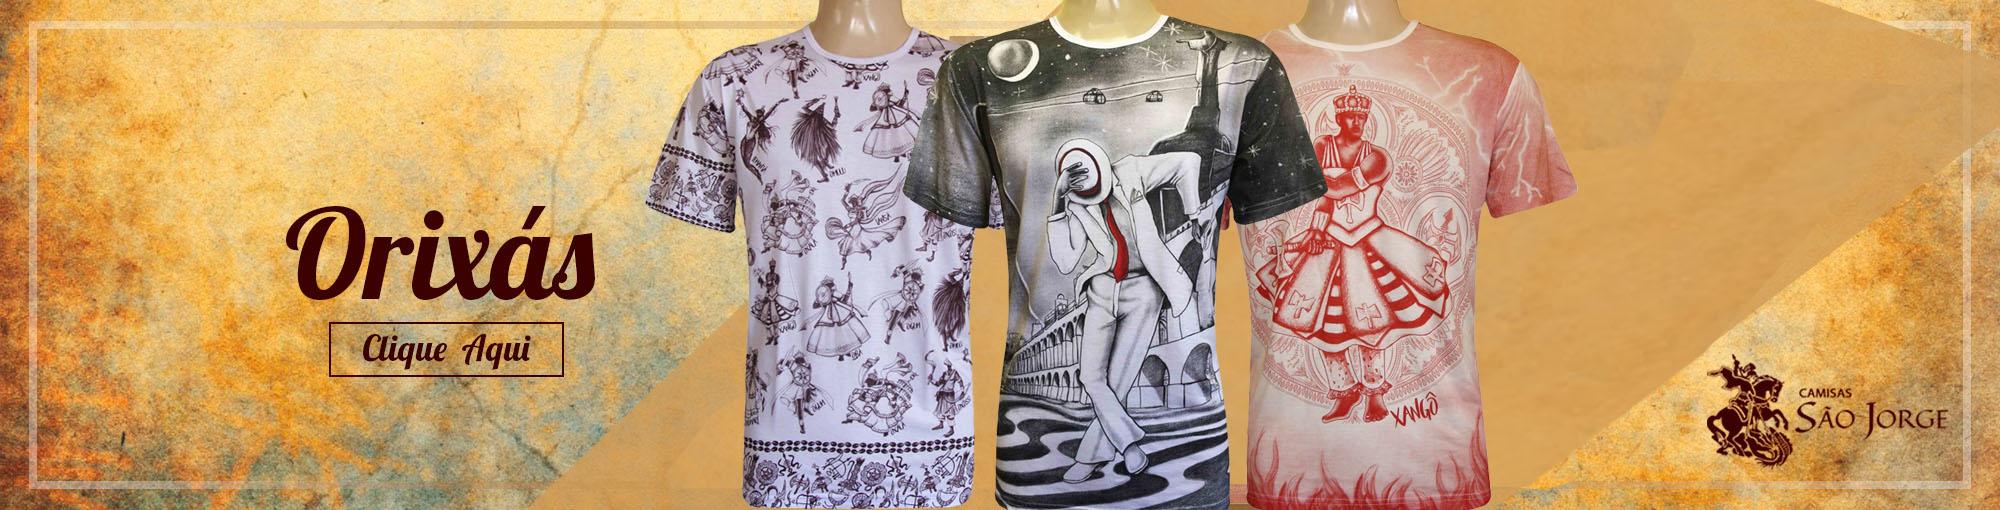 Camisas São Jorge ff4642f24caa3